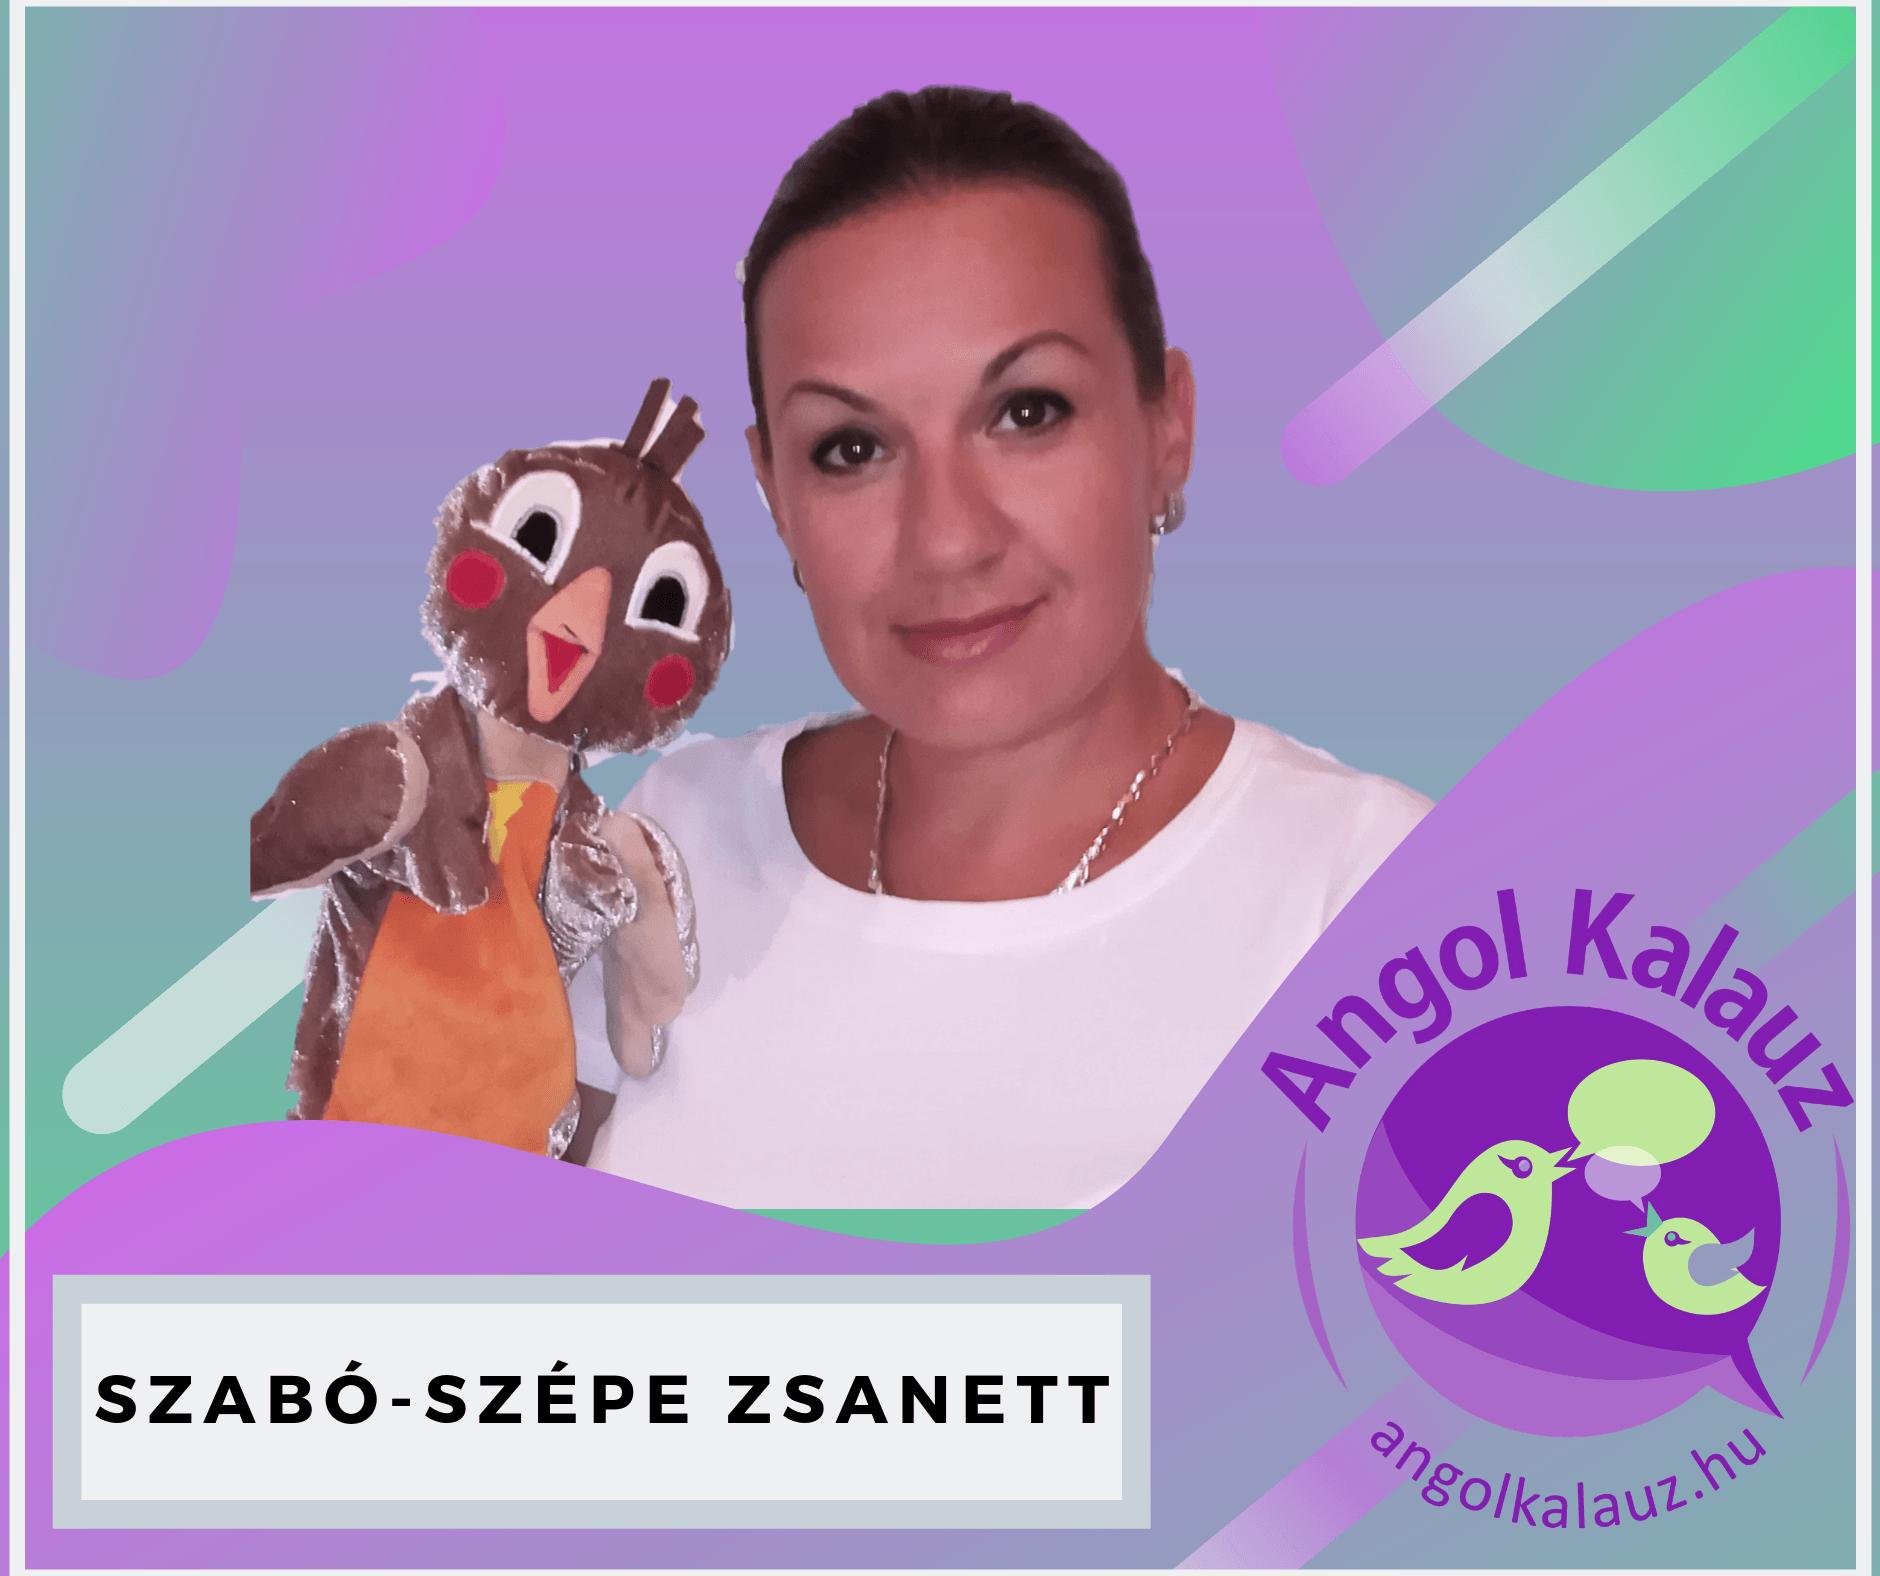 Szabó-Szépe Zsanett